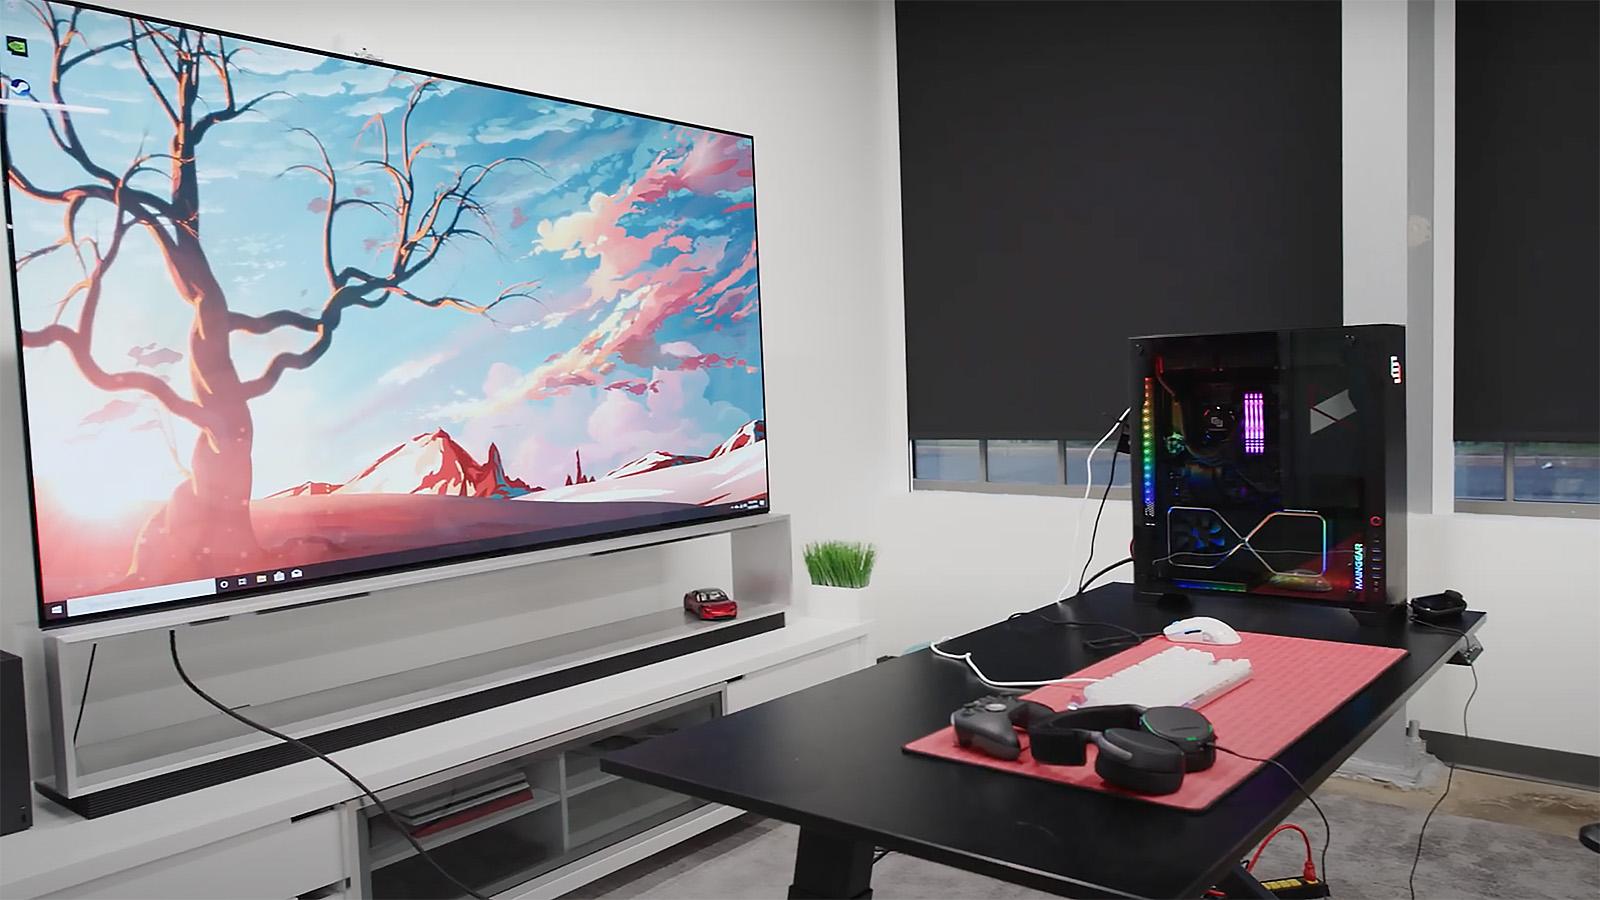 Marques Brownlee 8K Gaming Setup